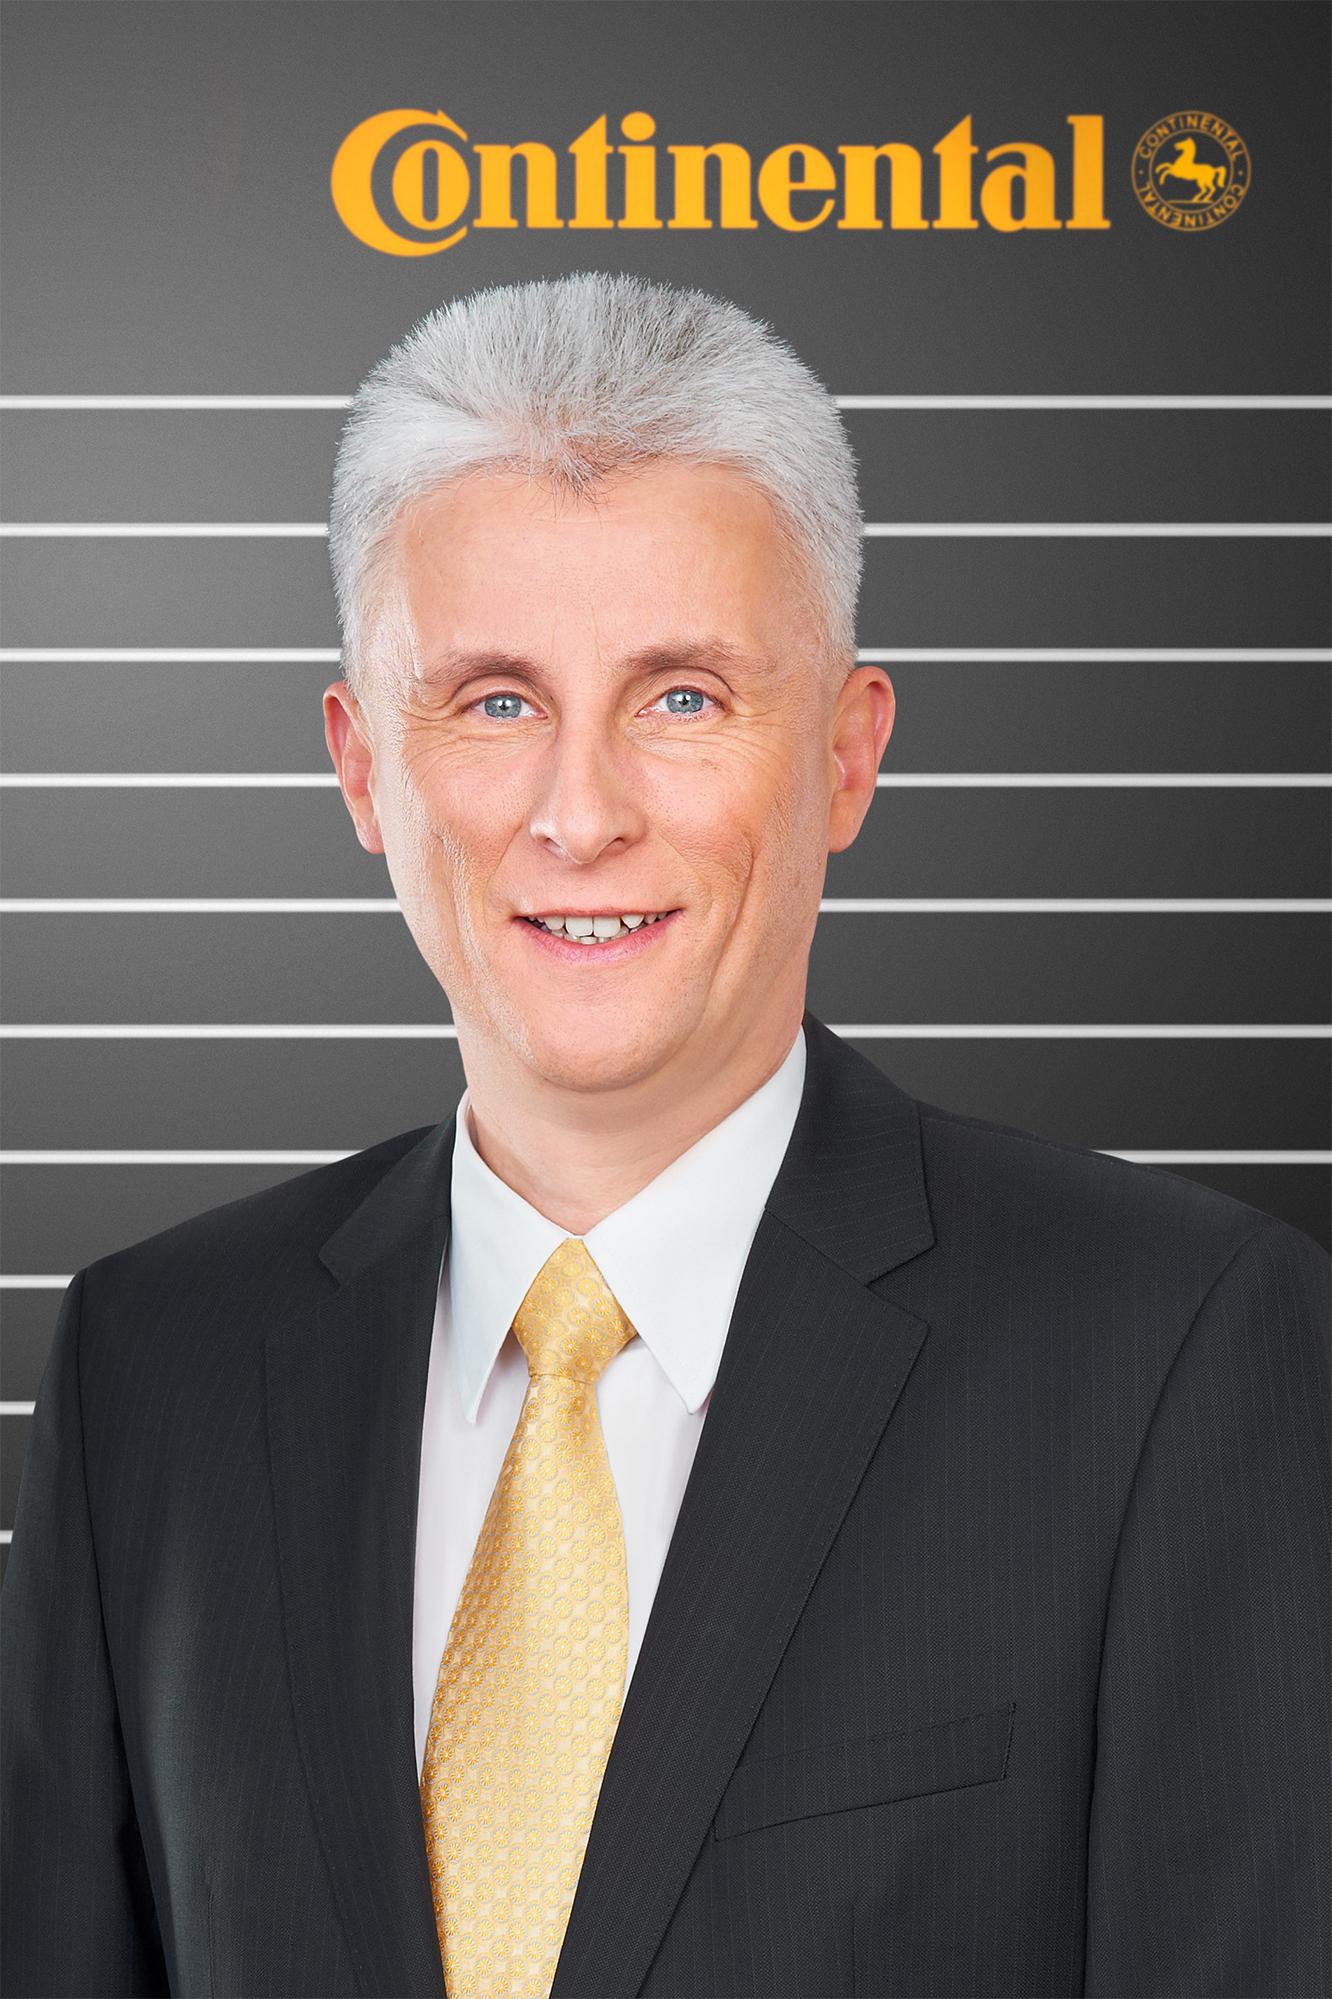 Andreas Esser, Managing Director della business unit Continental CVT